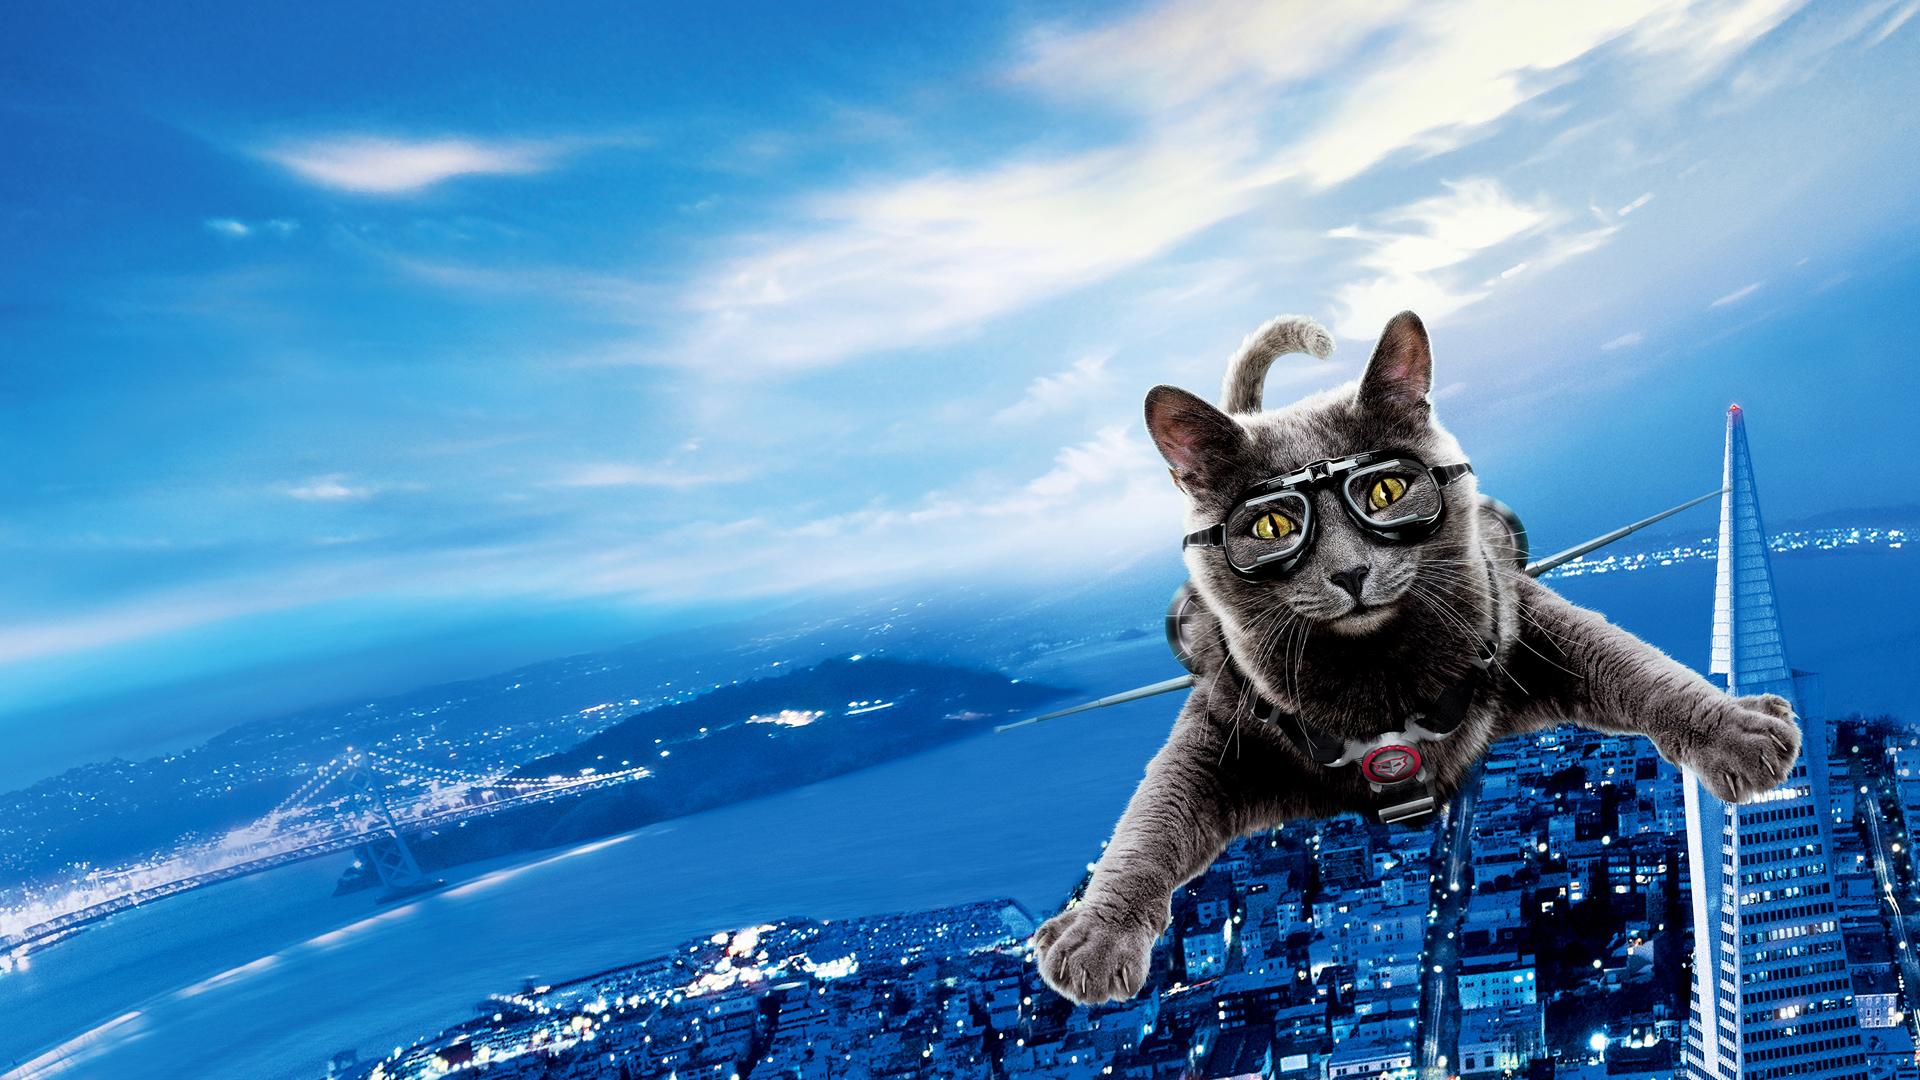 низкая цена красивые картинки на телефон со смешными кошками теме скачать